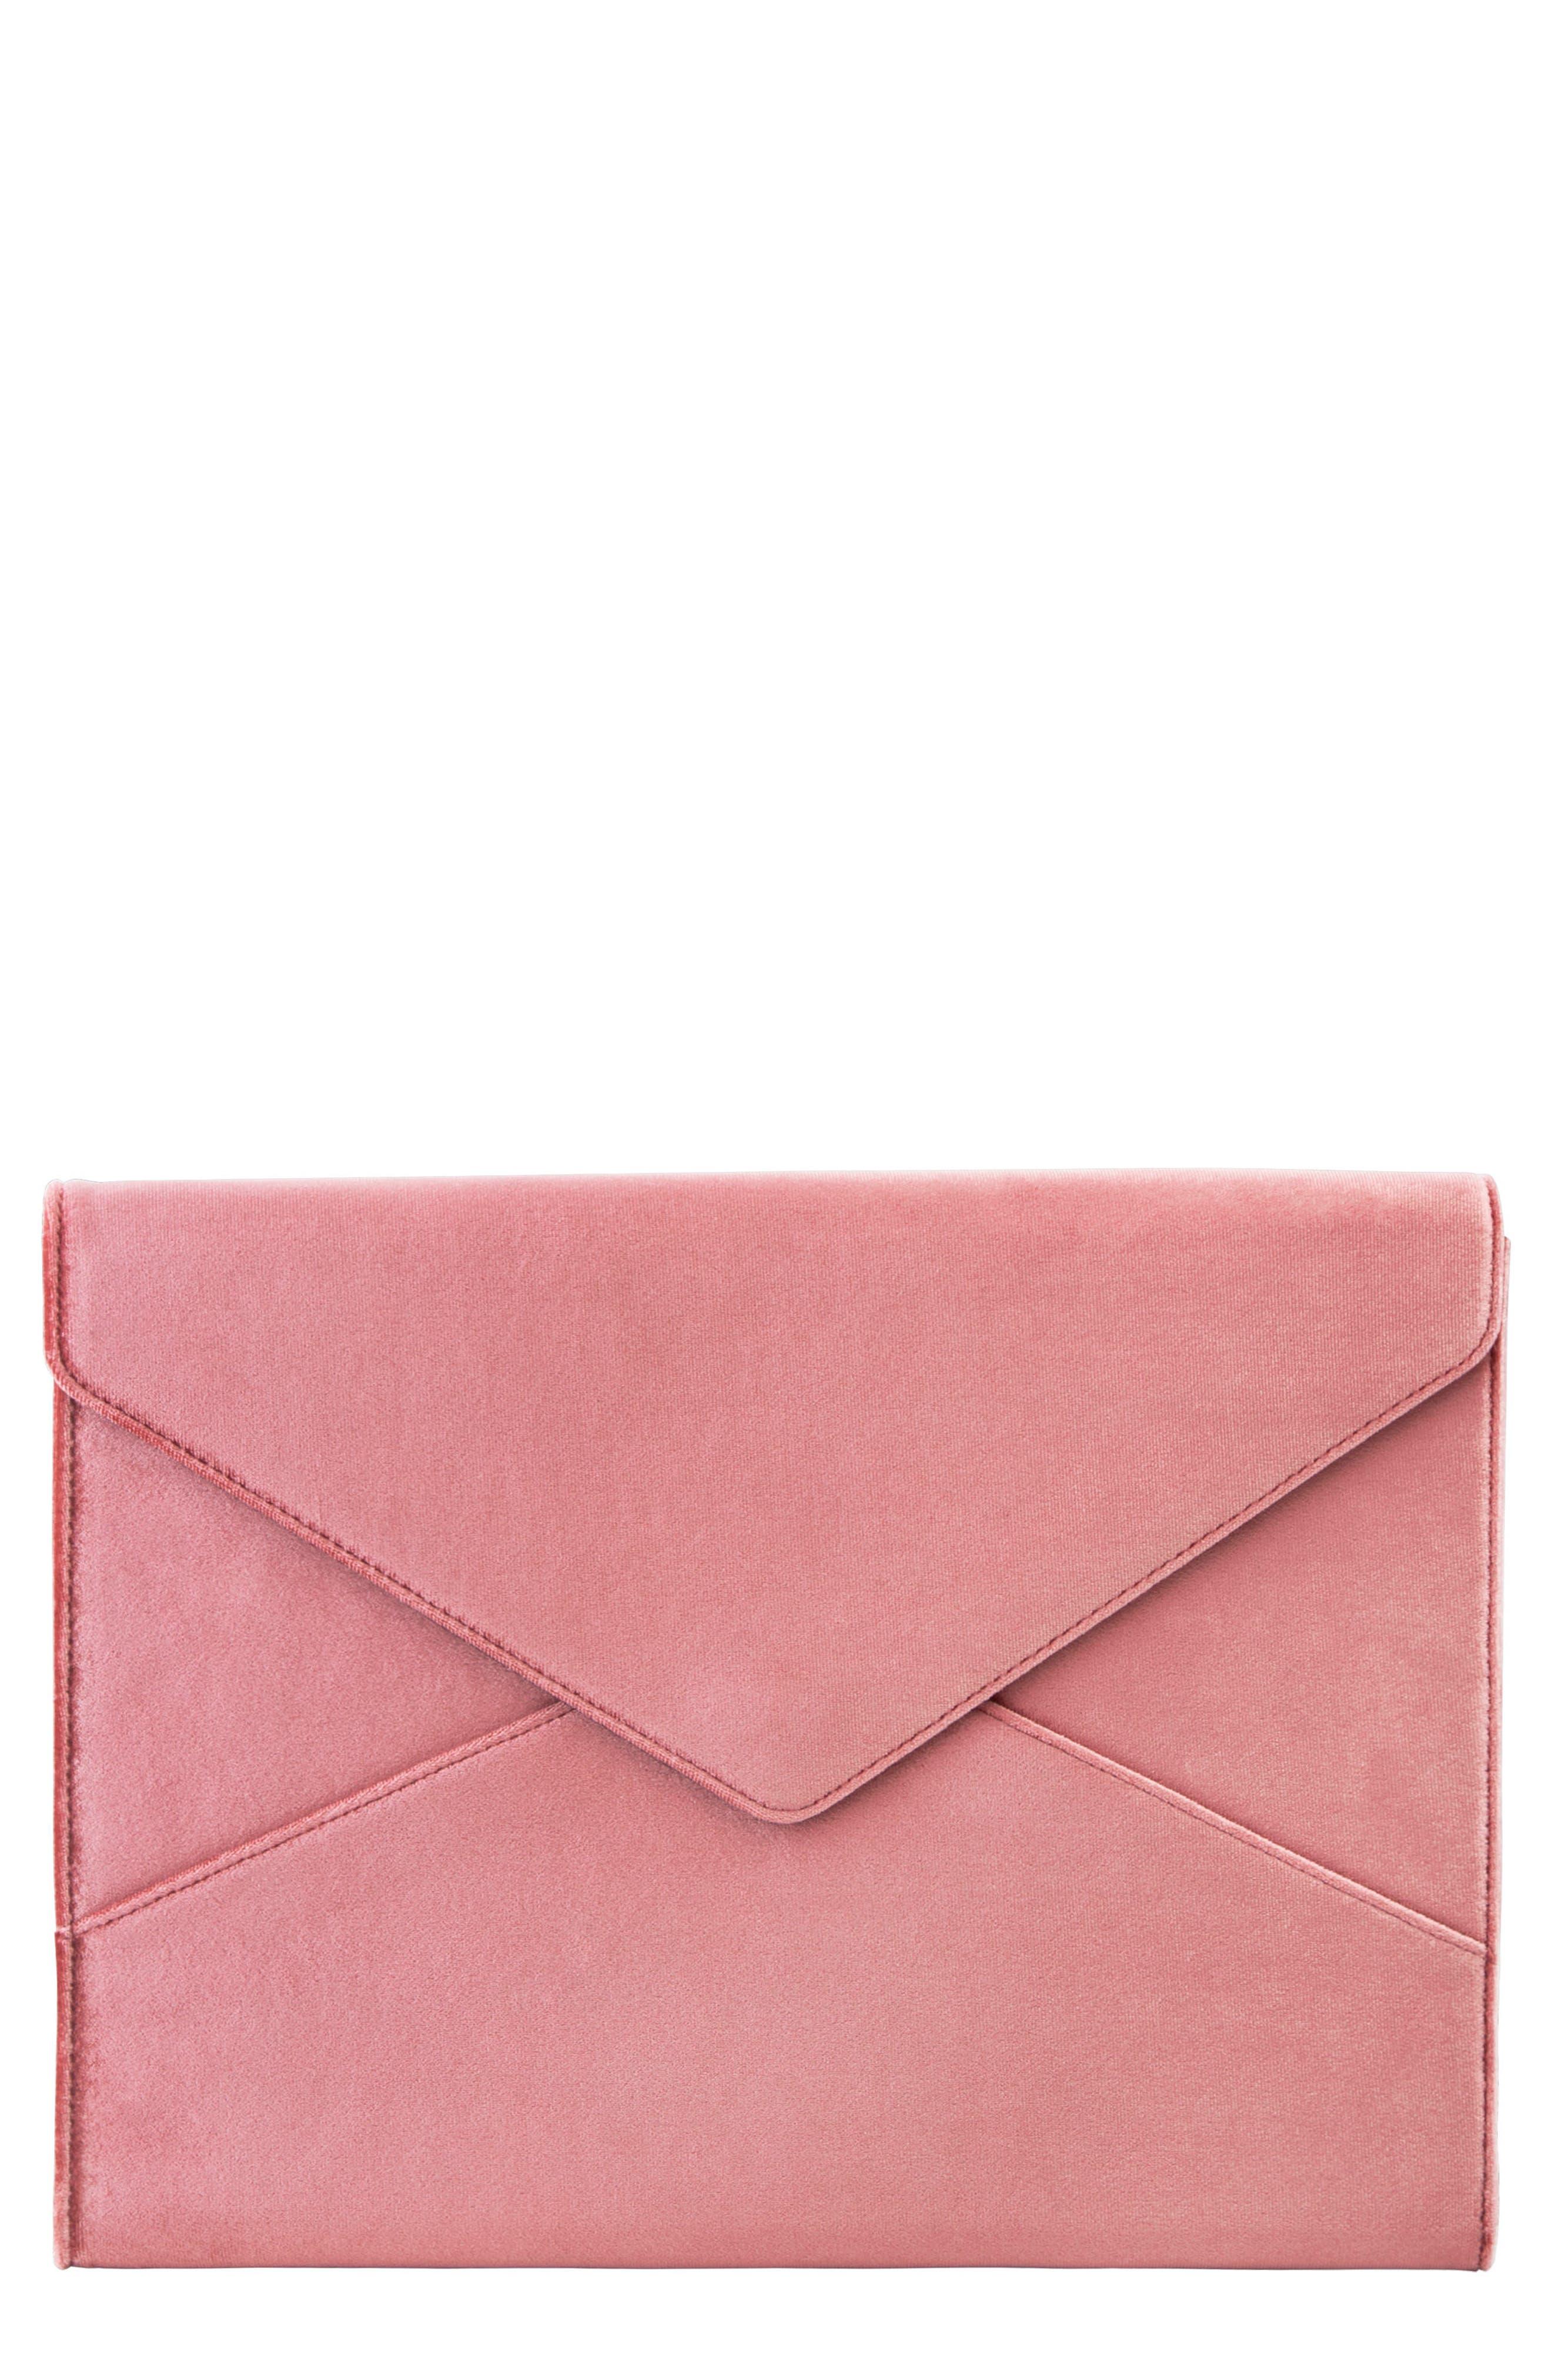 Rose Velvet Laptop Clutch,                             Main thumbnail 1, color,                             650